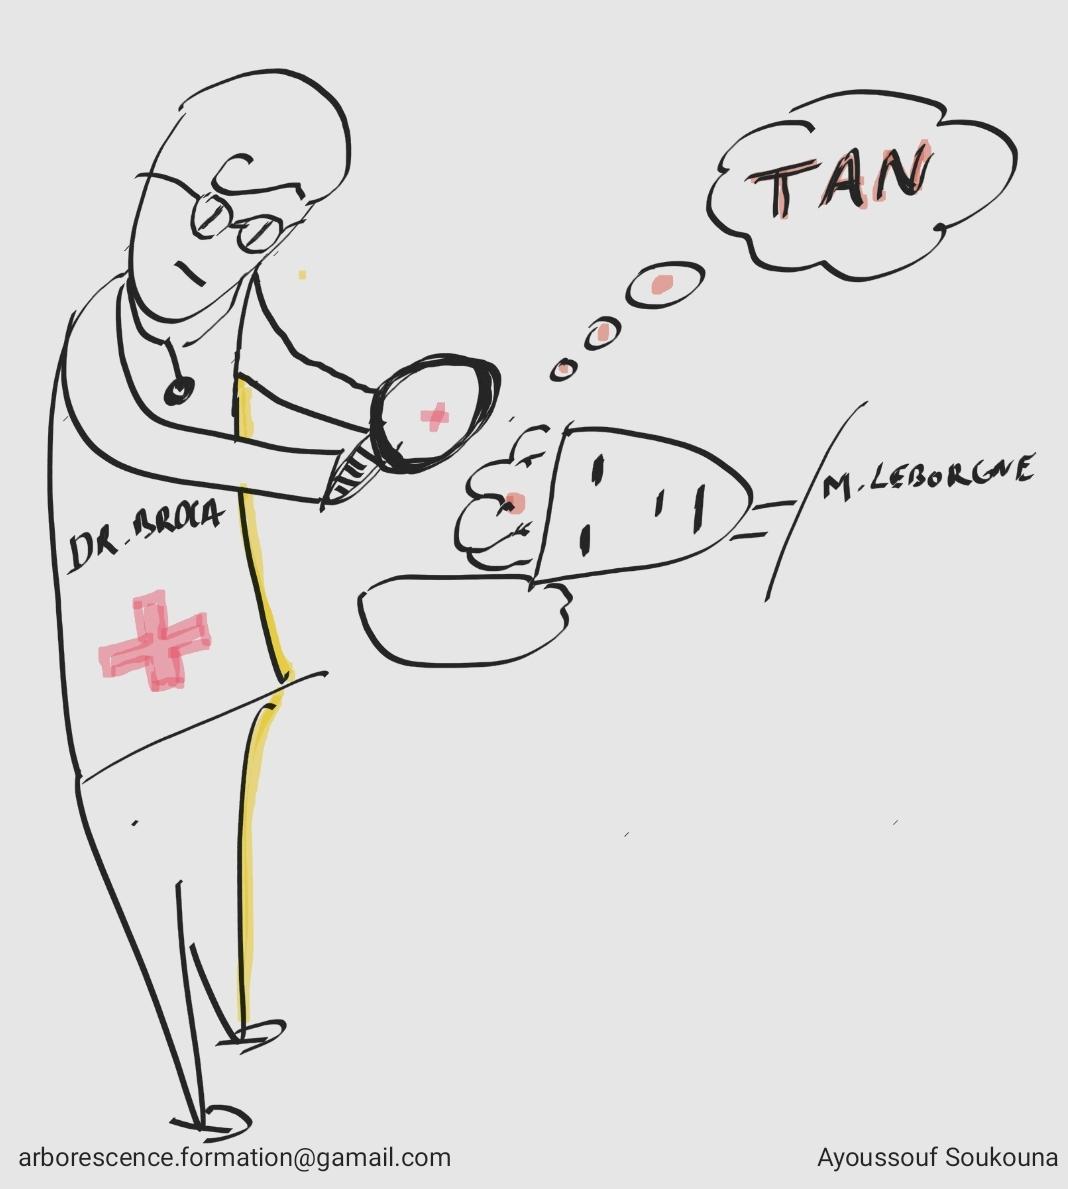 Illustration du Docteur Paul BROCA et du patient 'Tan'